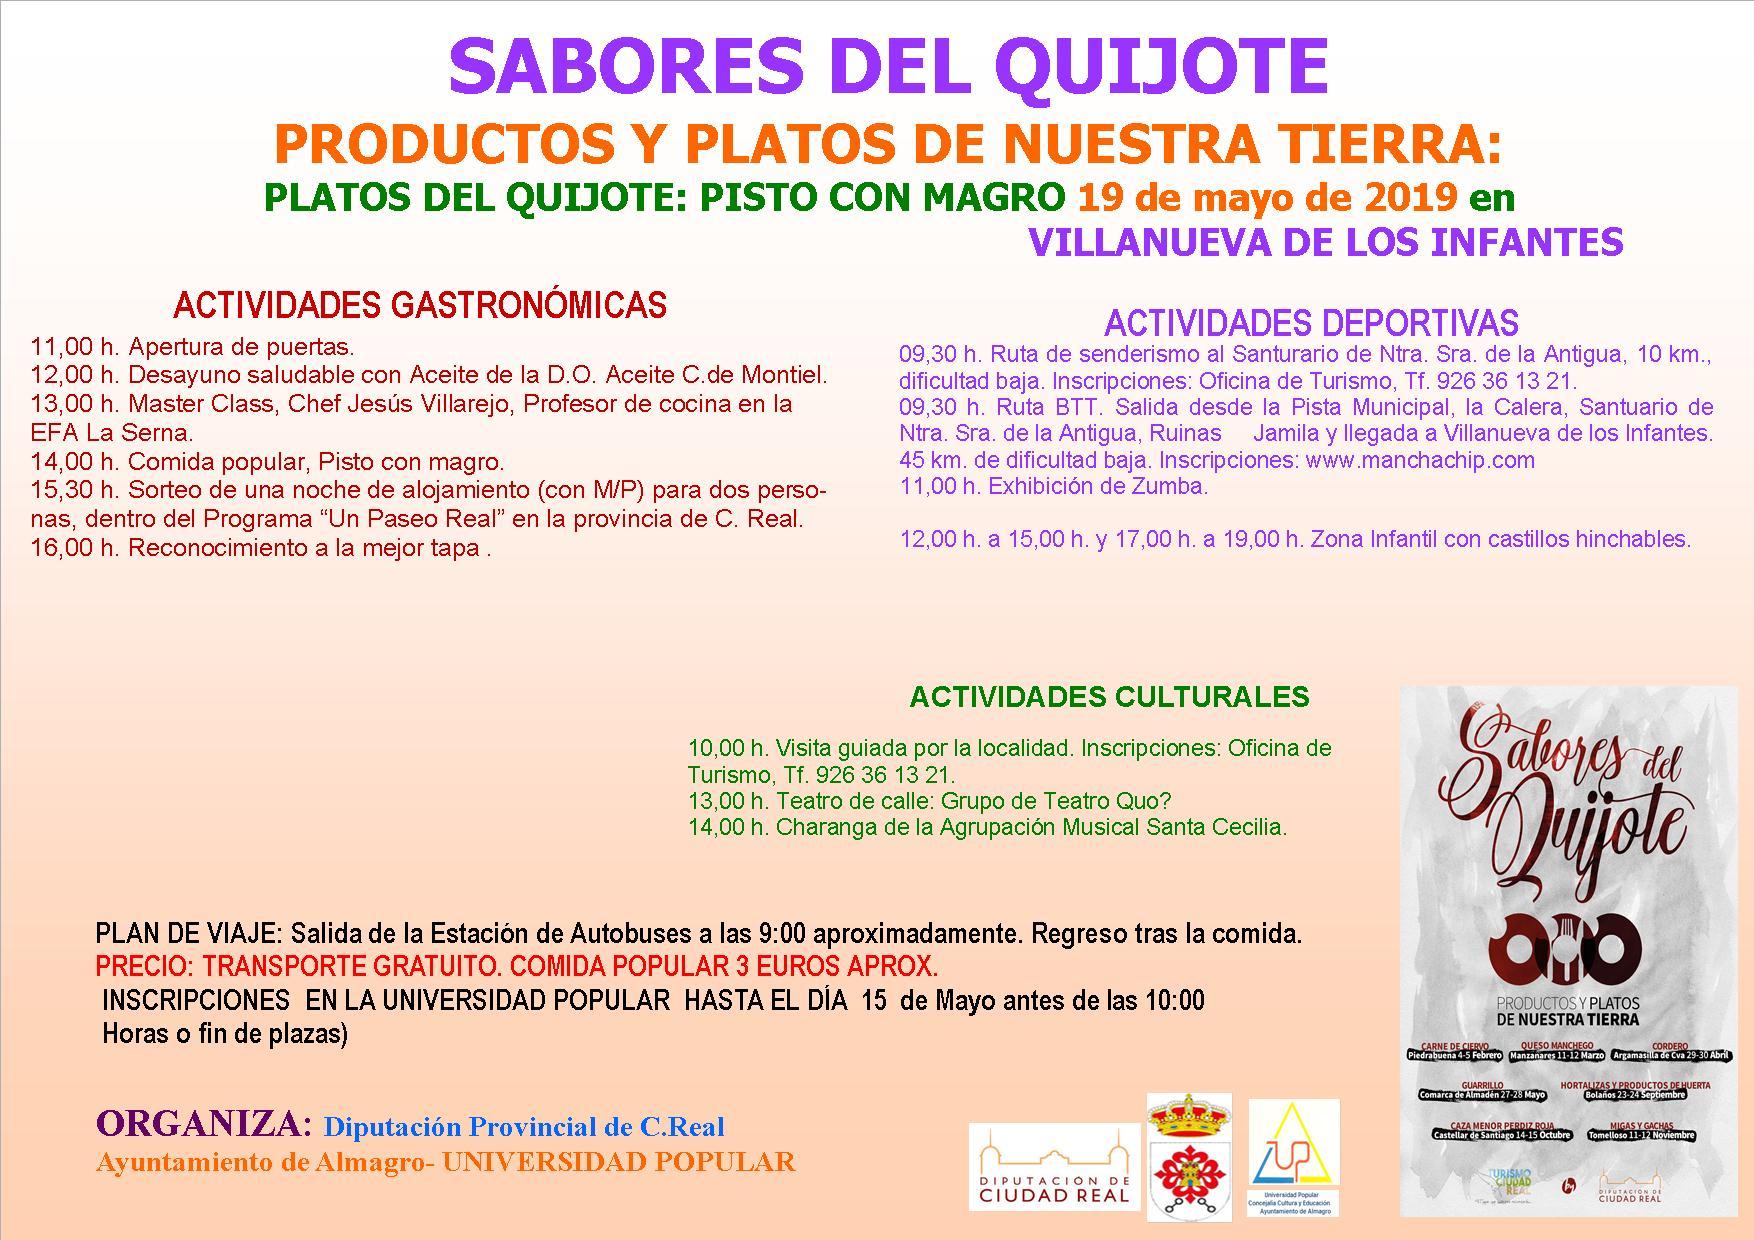 Sabores del Quijote - Villanueva de los Infantes